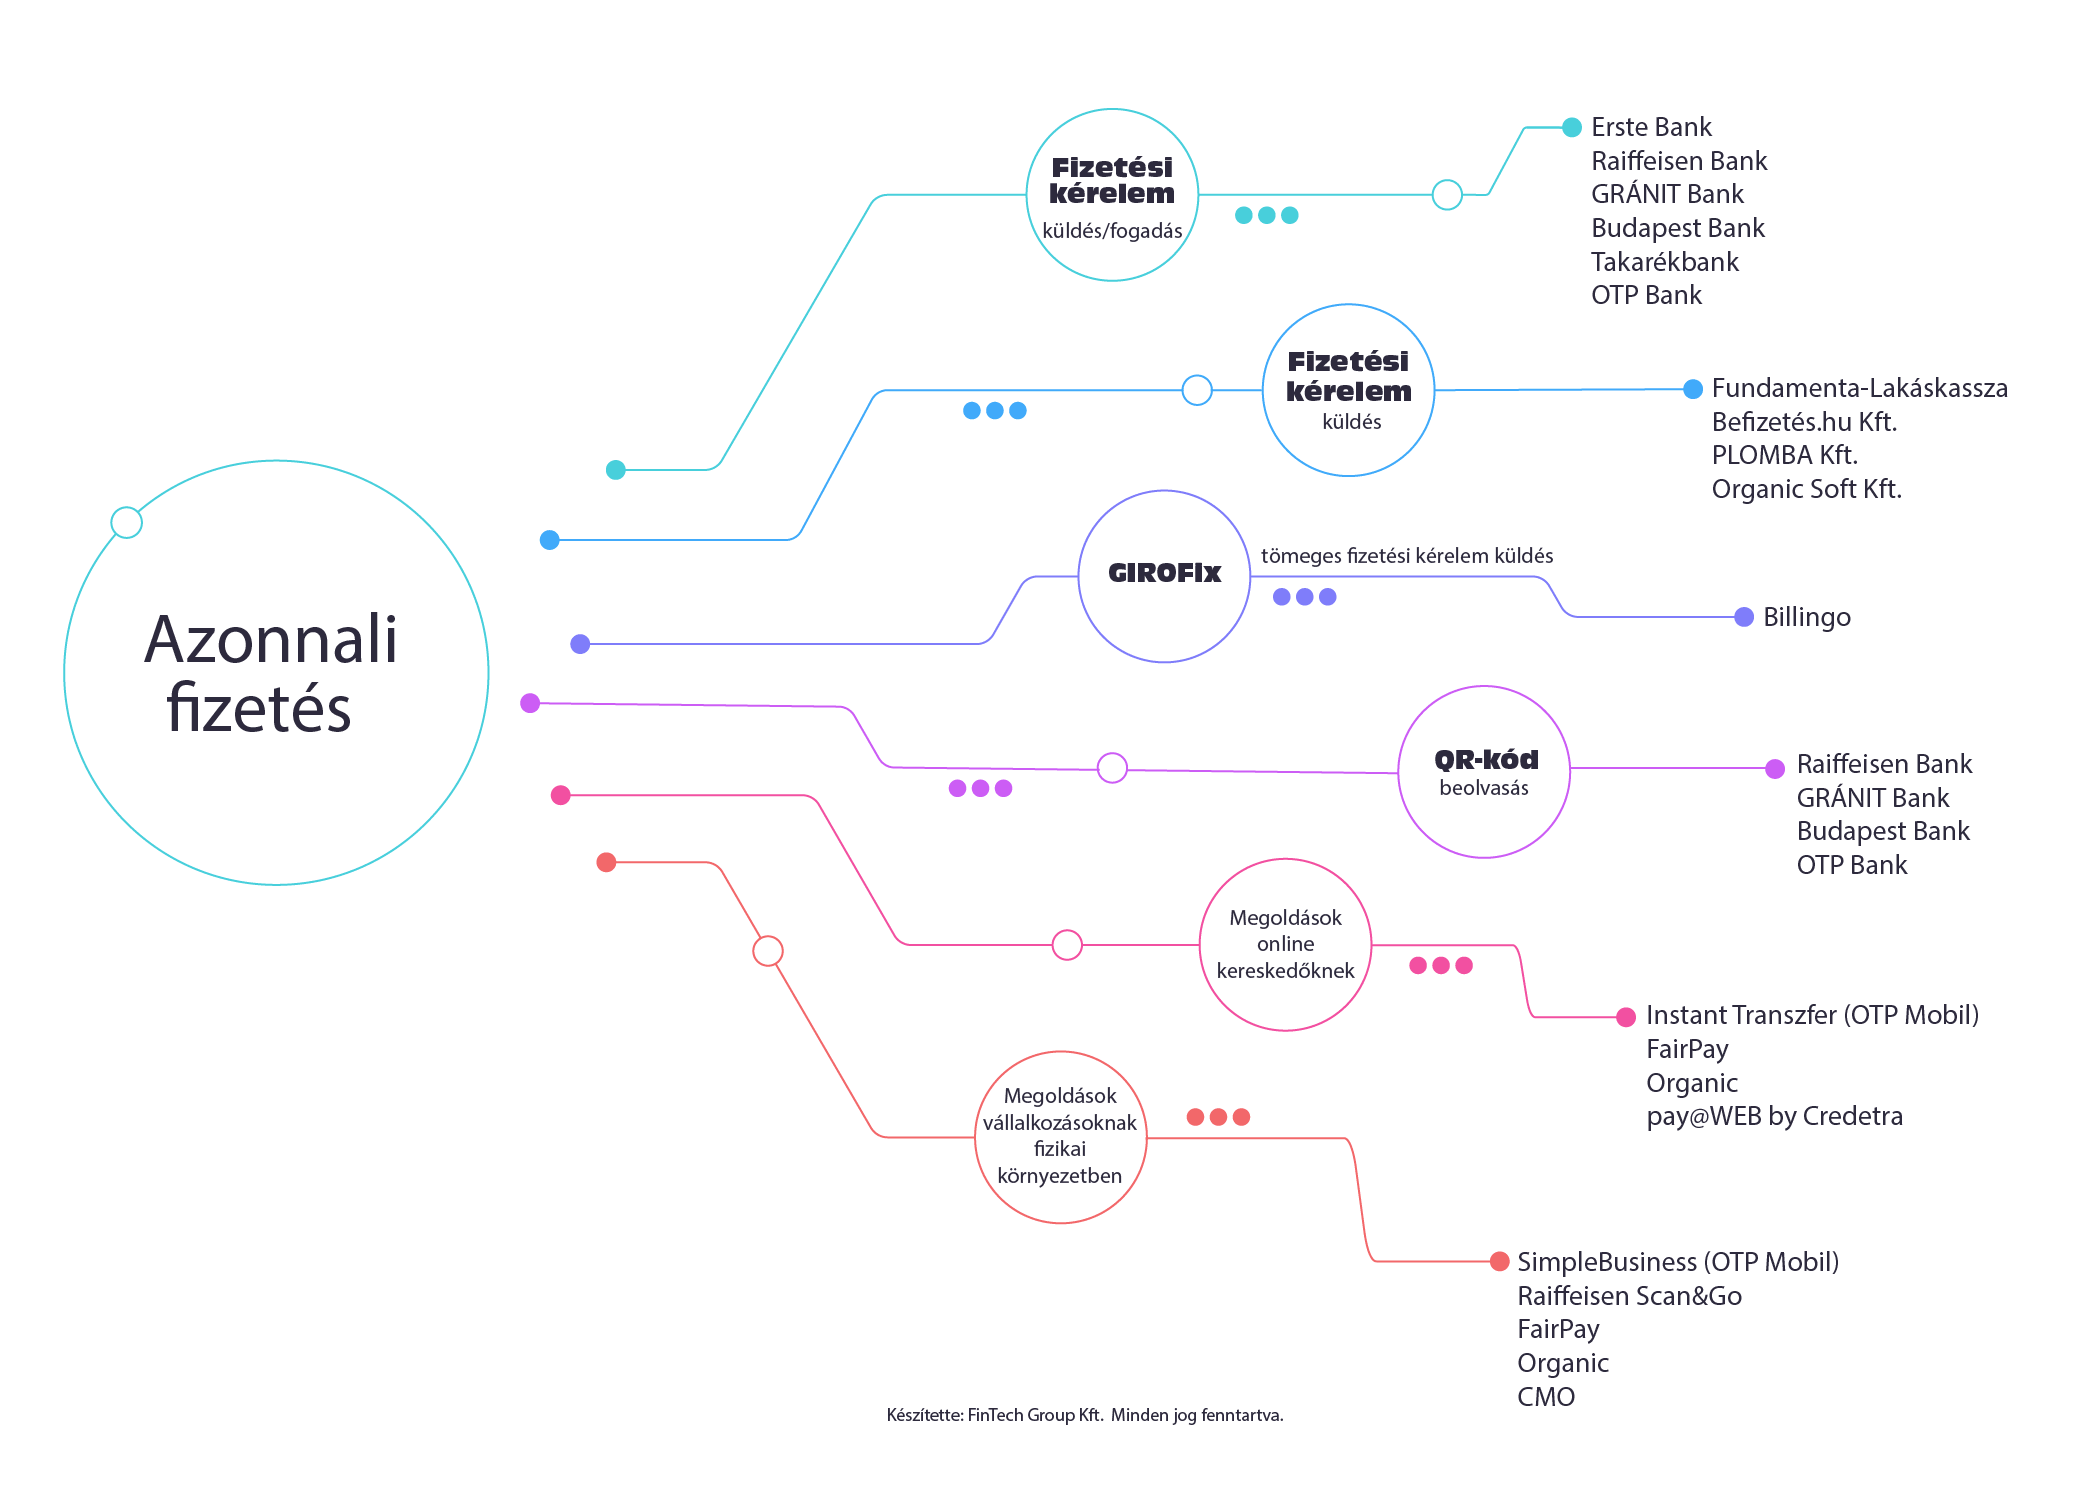 magyarorszag-elektronikus-fizetesi-terkepe-azonnali-fizetes-infografika